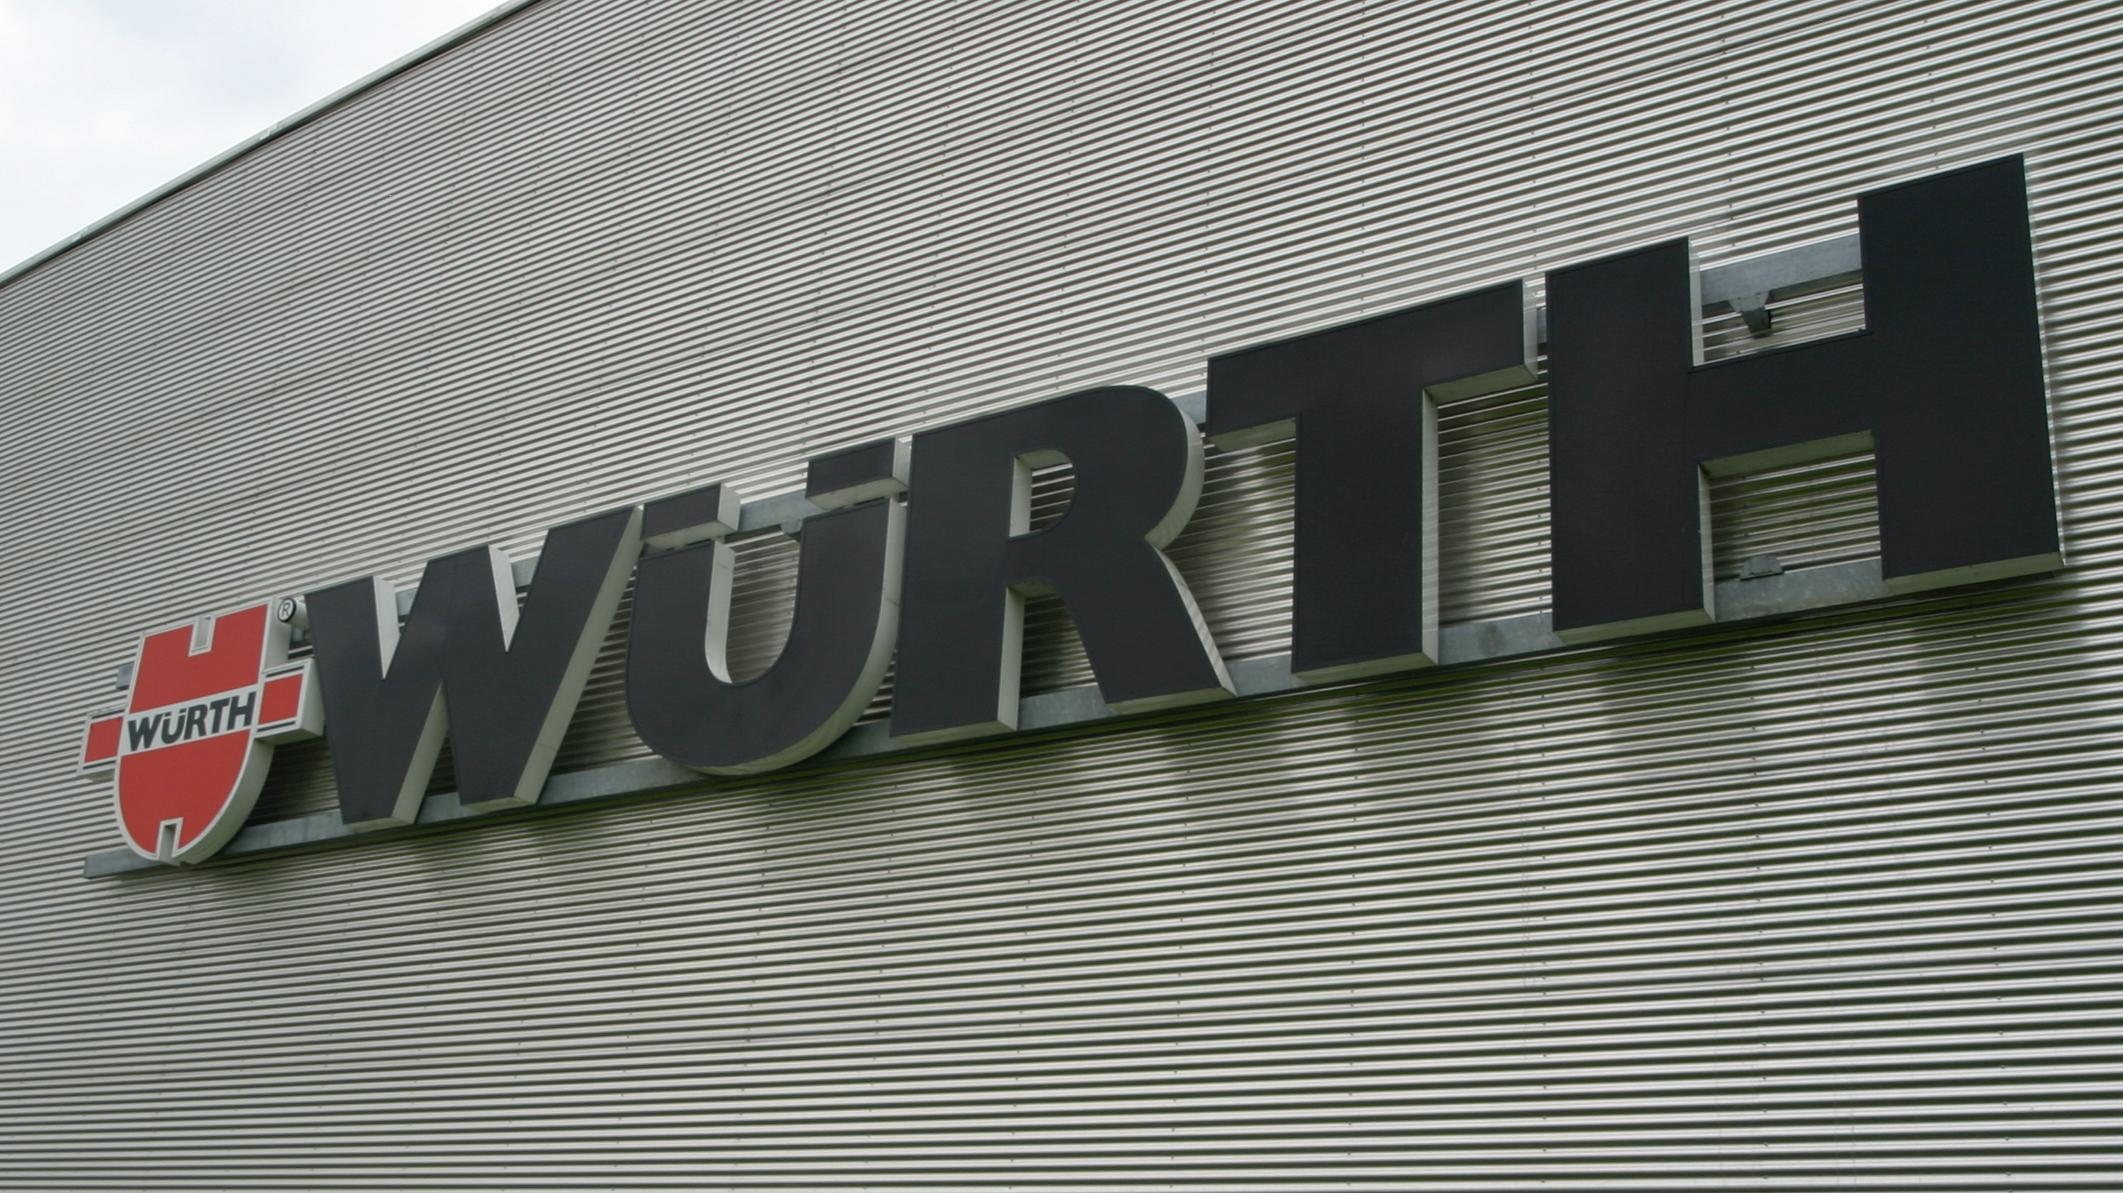 Wurth V1